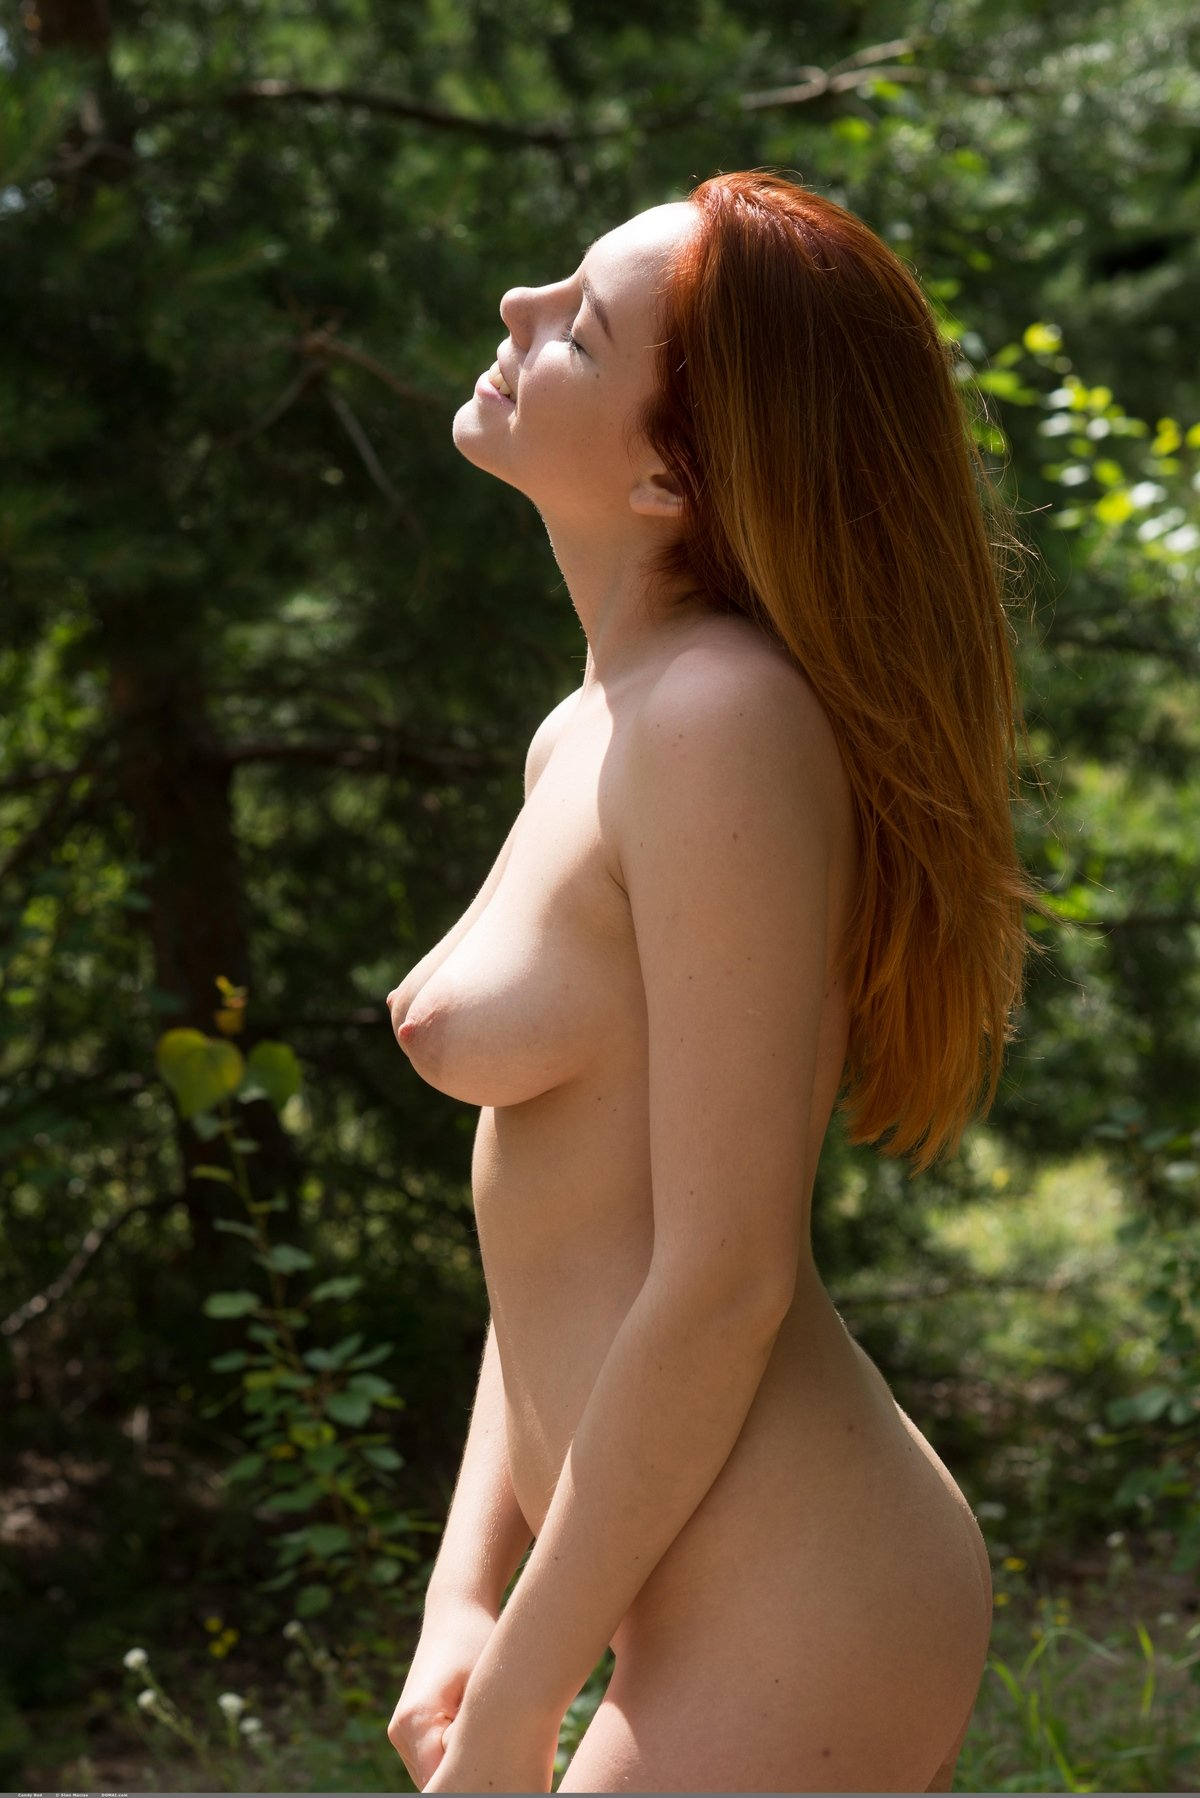 Кобыла с рыжими волосами сняла сарафанчик в саду